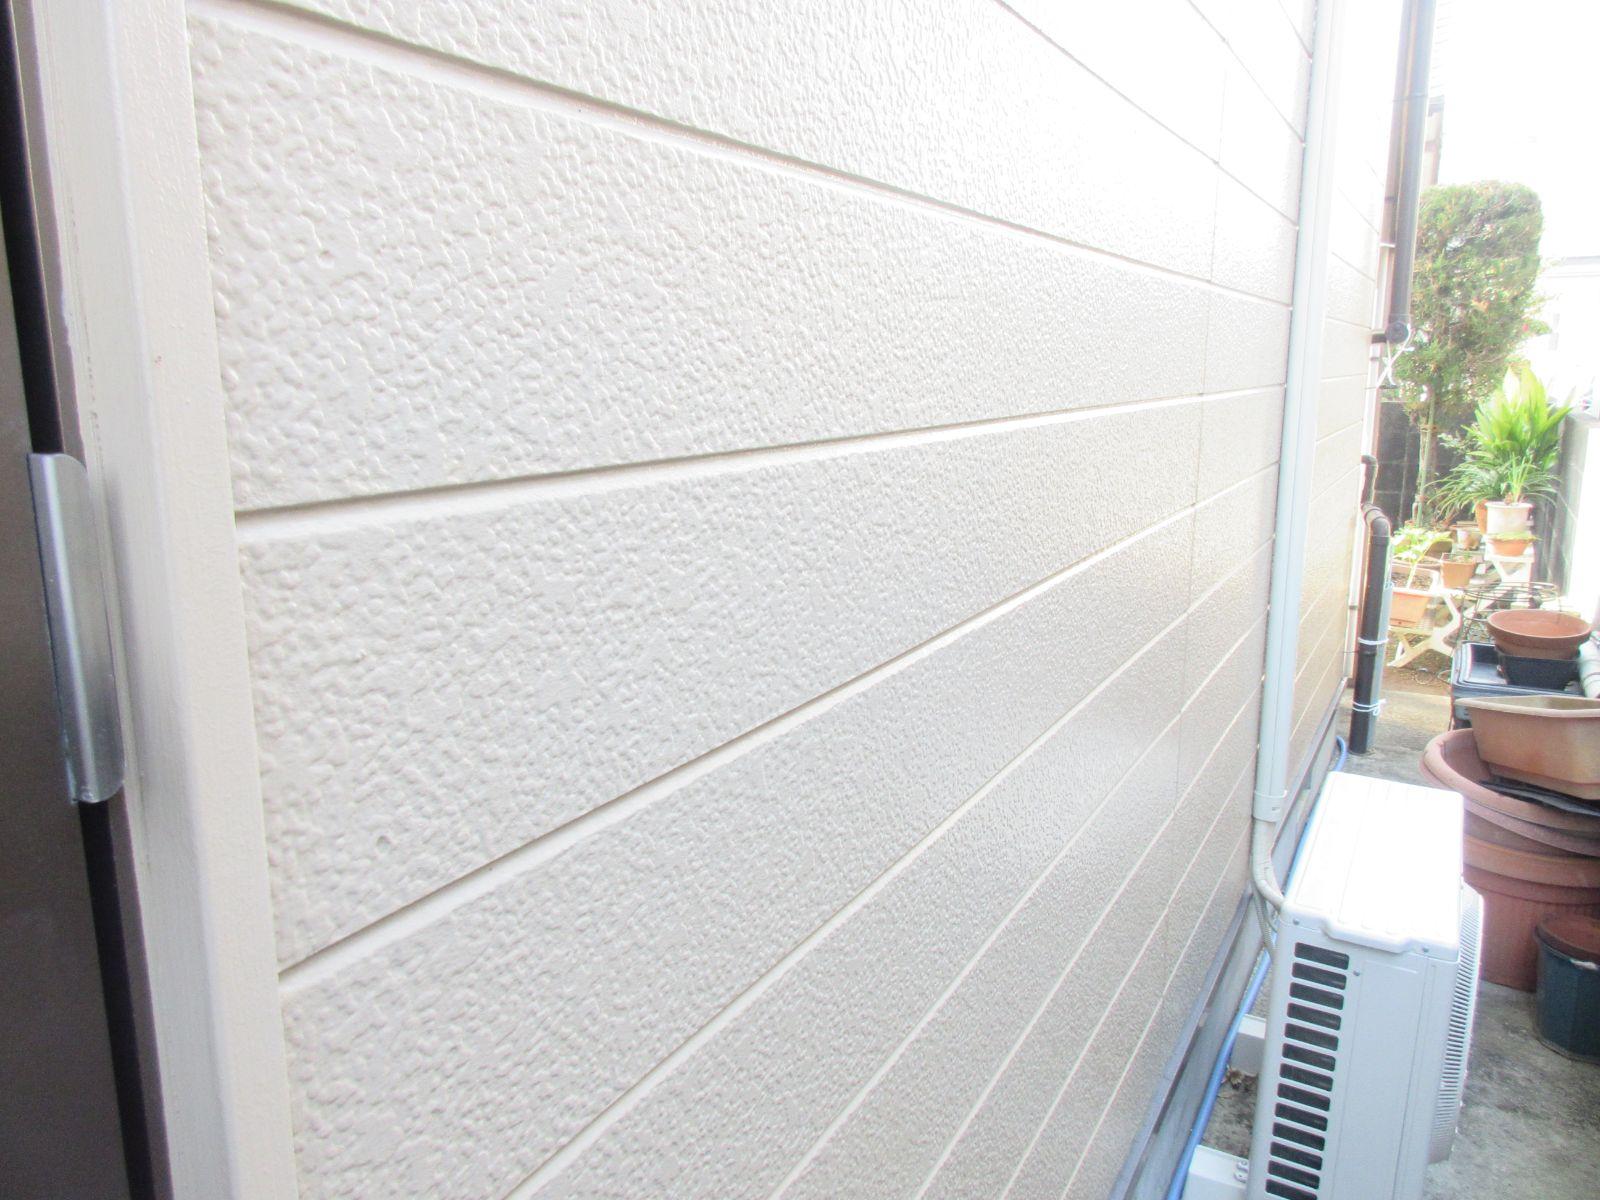 【紀の川市】外壁塗装・鼻隠し板金カバー工法(木部→ガルバリウム鋼板)工事・N様邸                      『外壁と各部分の施工で新築時の美しさへ、、♪』 5